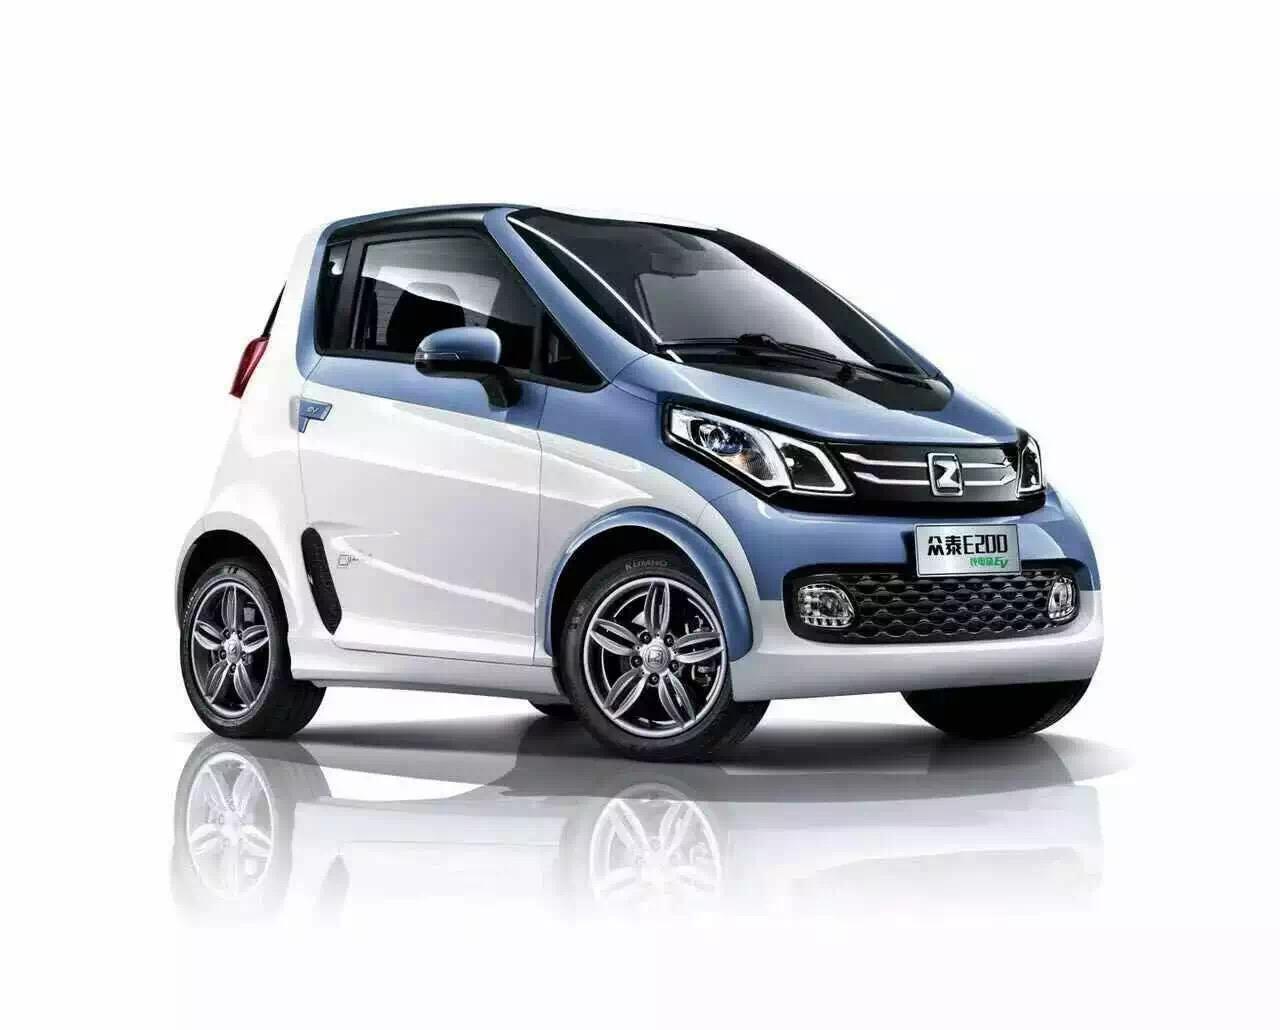 武汉众泰E200纯电动汽车购买找哪家高清图片